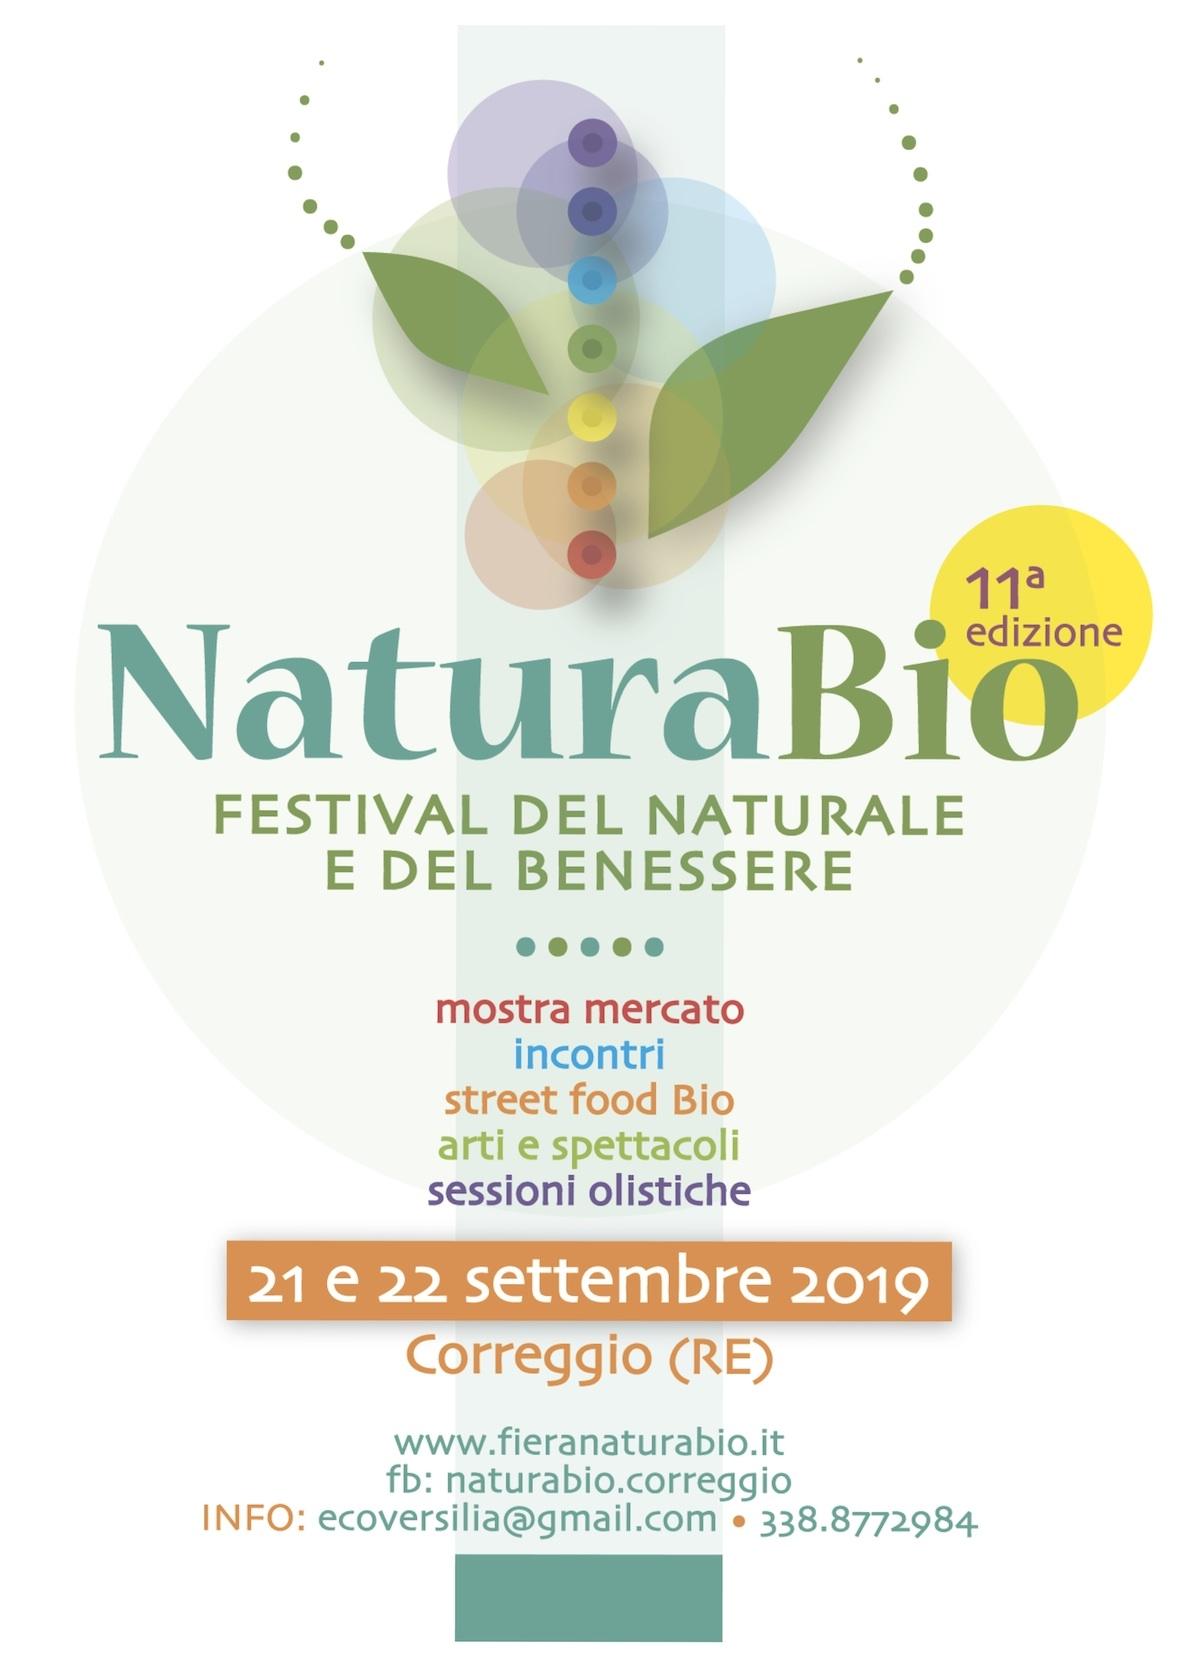 Natura Bio A Correggio Festival Del Naturale E Del Benessere Terra Nuova